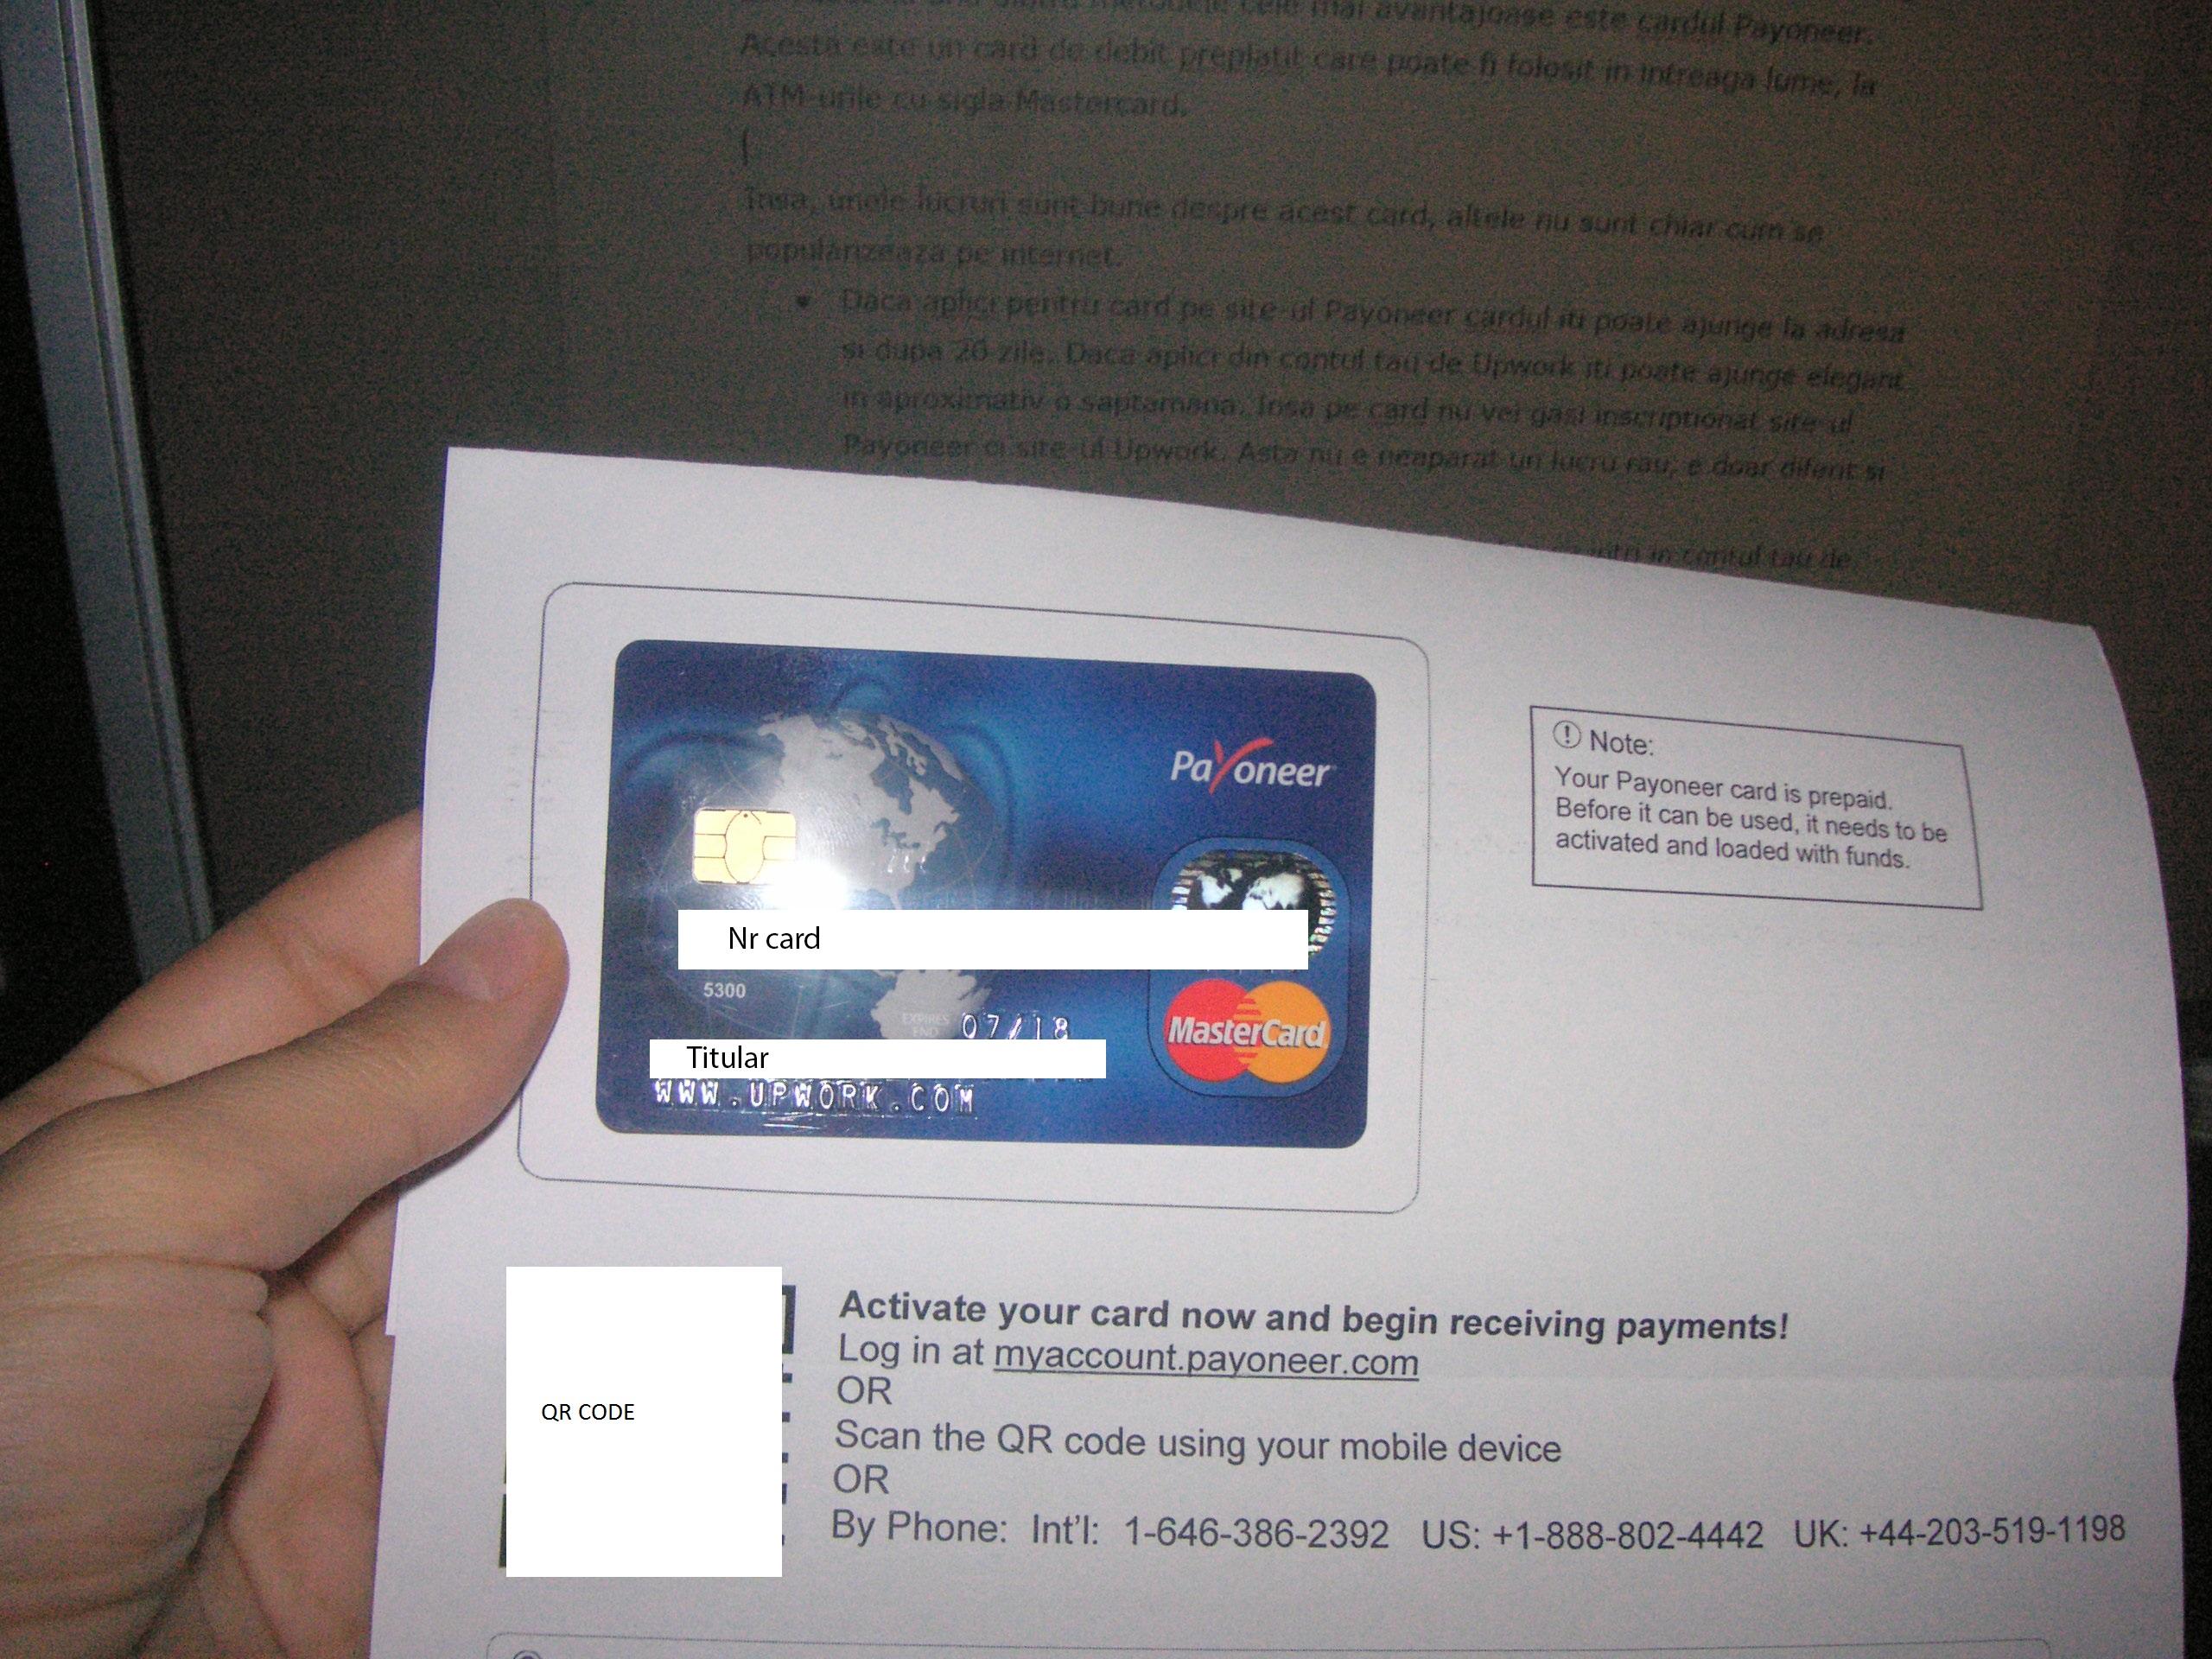 Ce am aflat despre cardul Payoneer pentru freelanceri